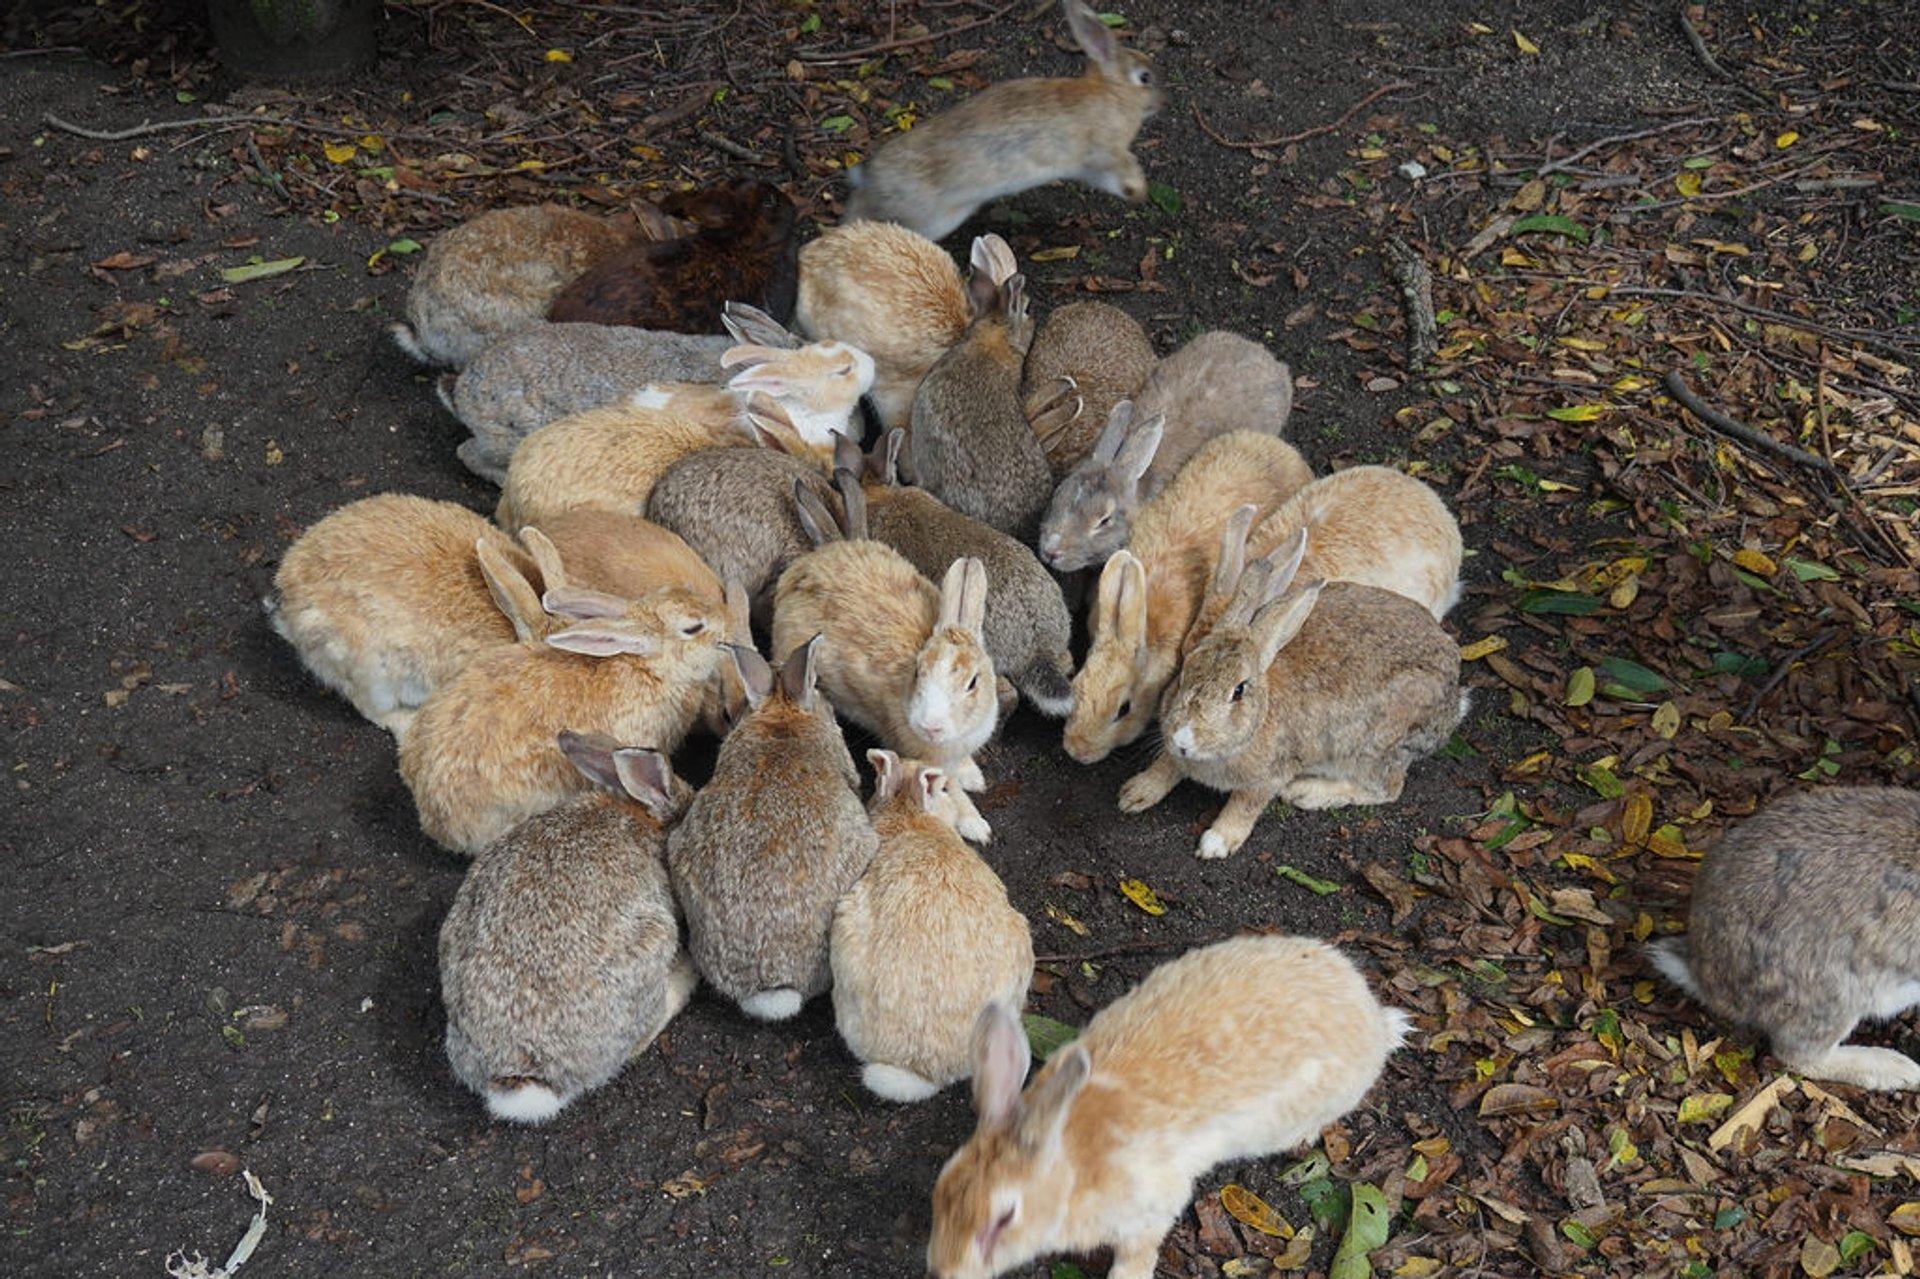 Okunoshima (Rabbit Island) in Japan 2019 - Best Time